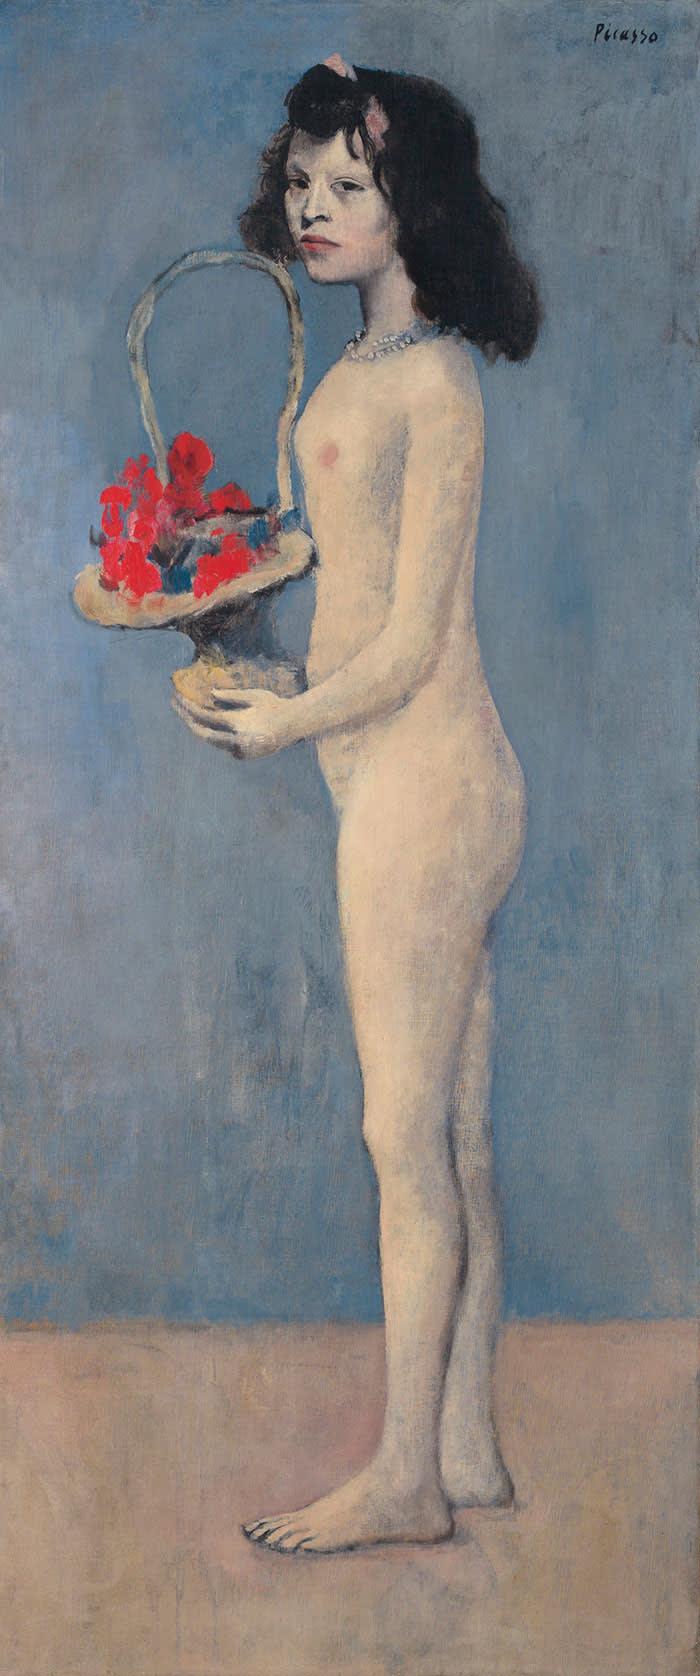 Pablo Picasso's 'Fillette à la corbeille fleurie' (1905)